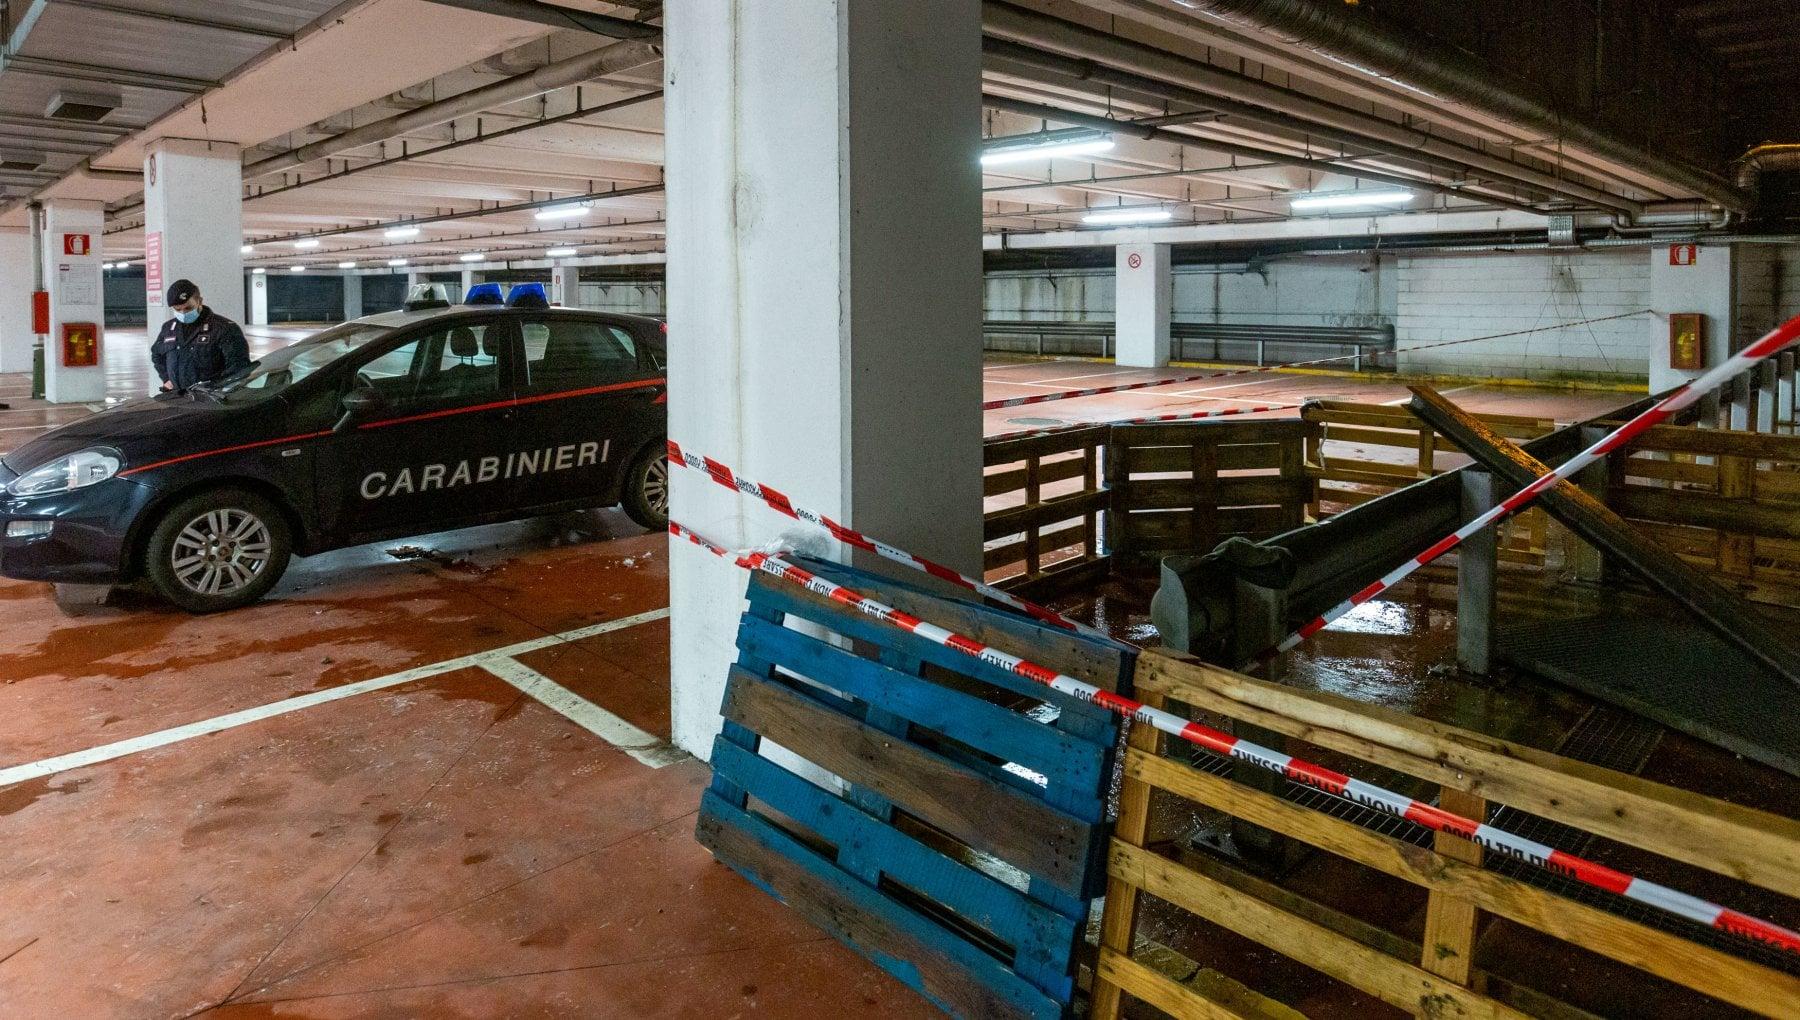 Milano, cede grata di aerazione nel parcheggio di un centro commerciale: due uomini cadono nel vuoto